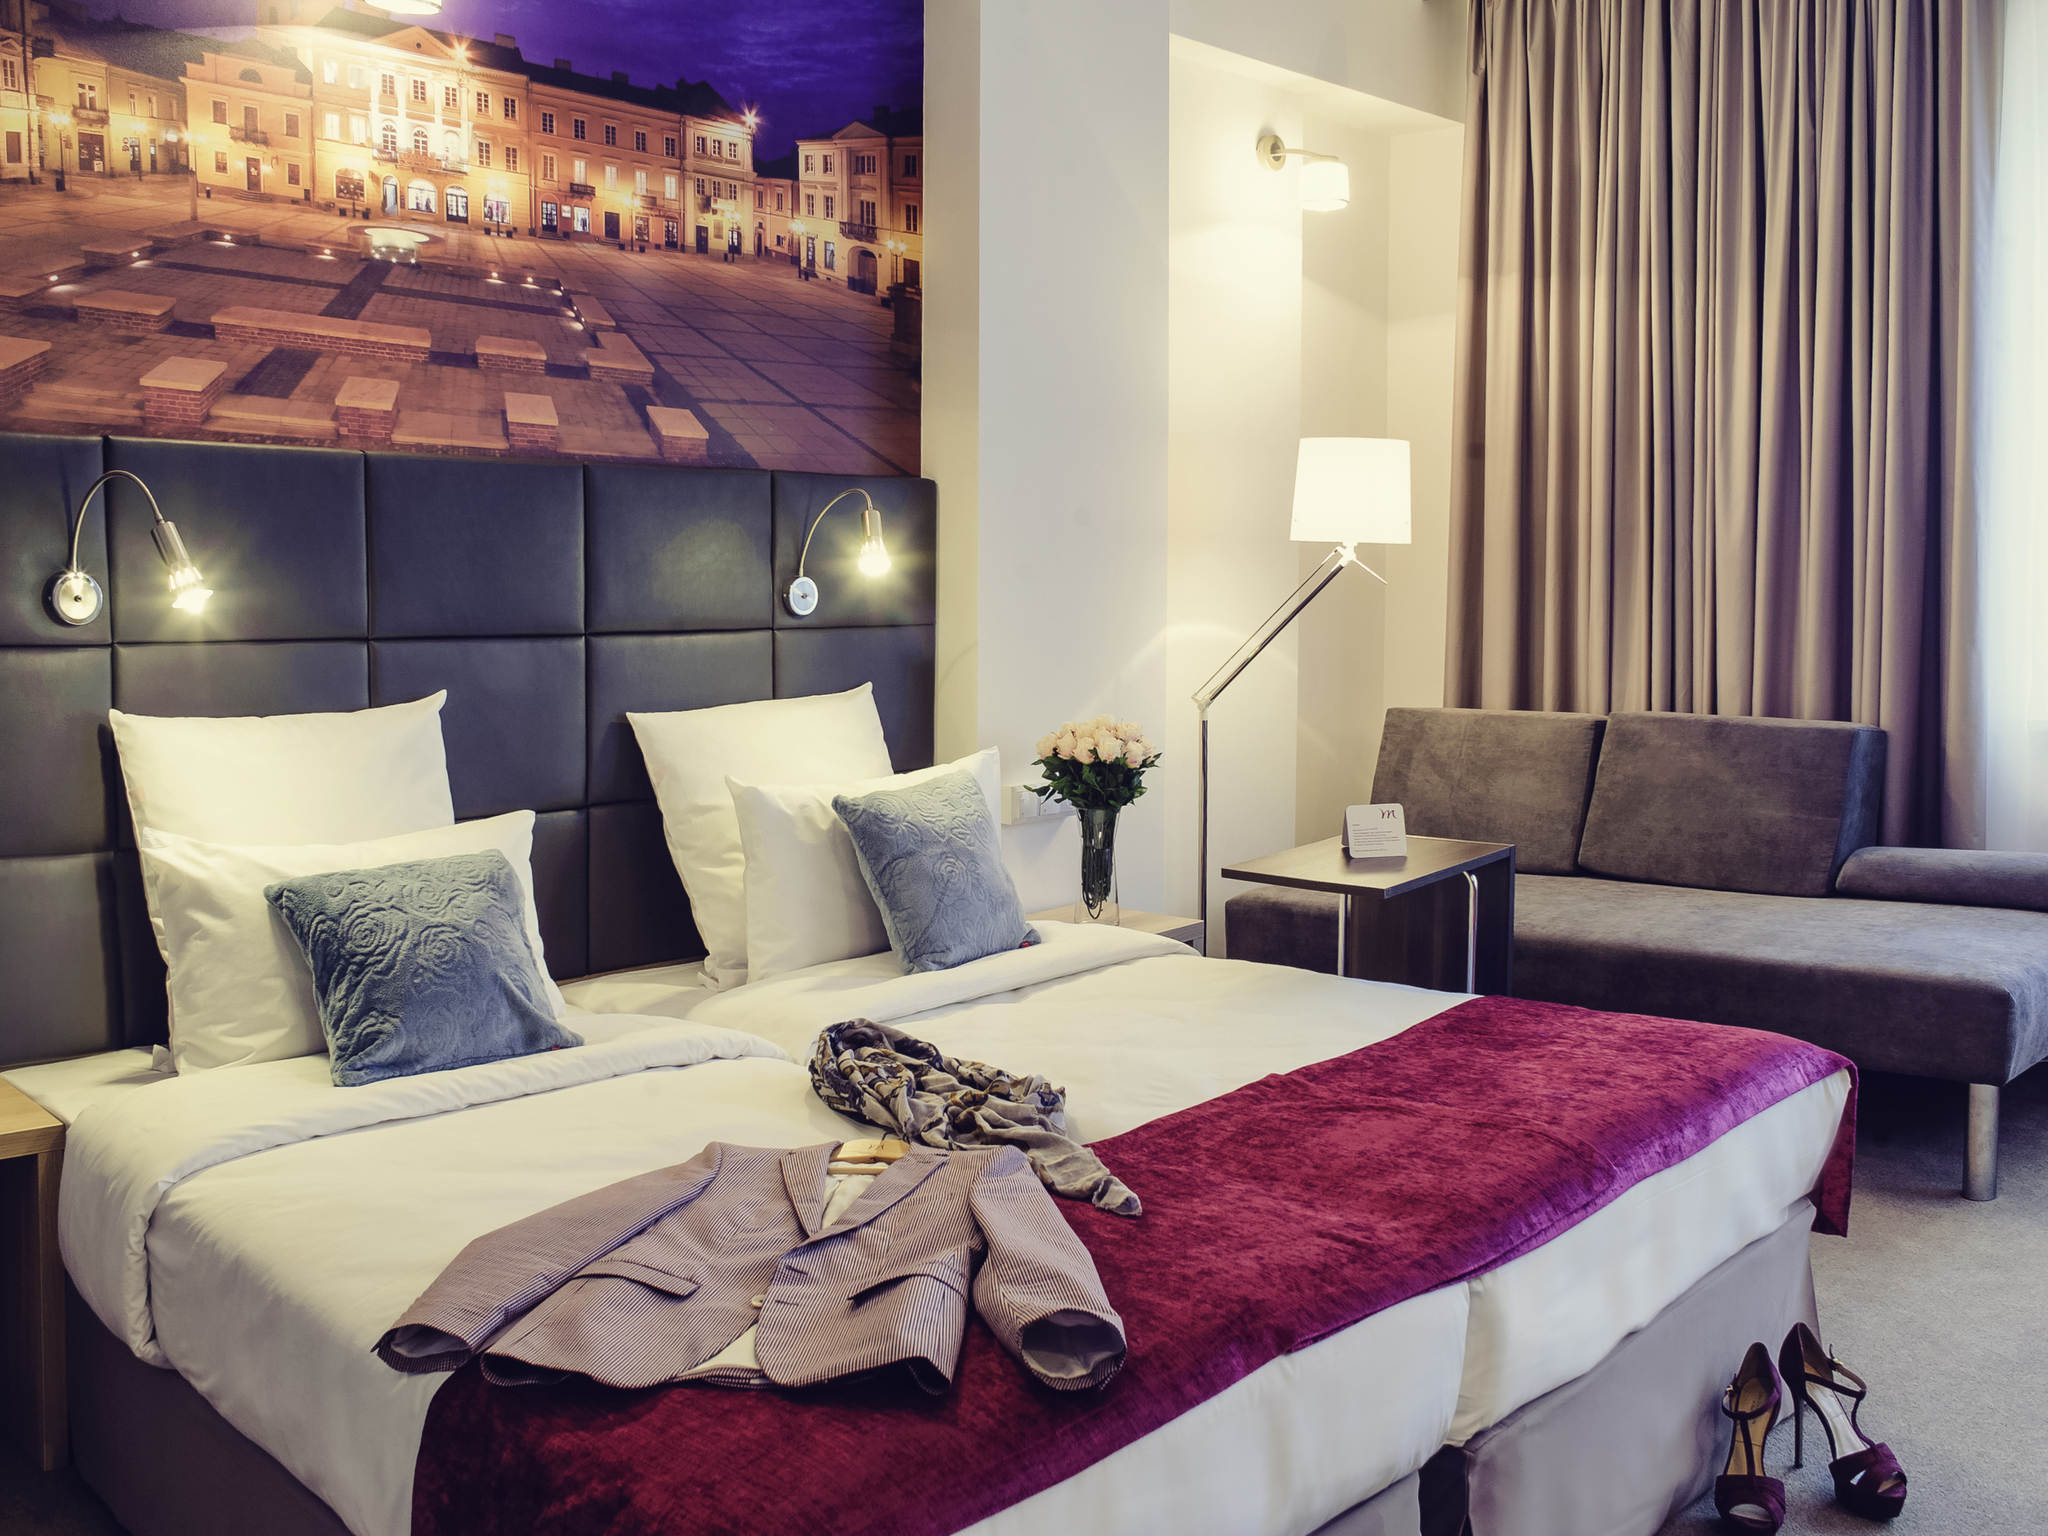 Otel – Hotel Mercure Piotrkow Trybunalski Vestil